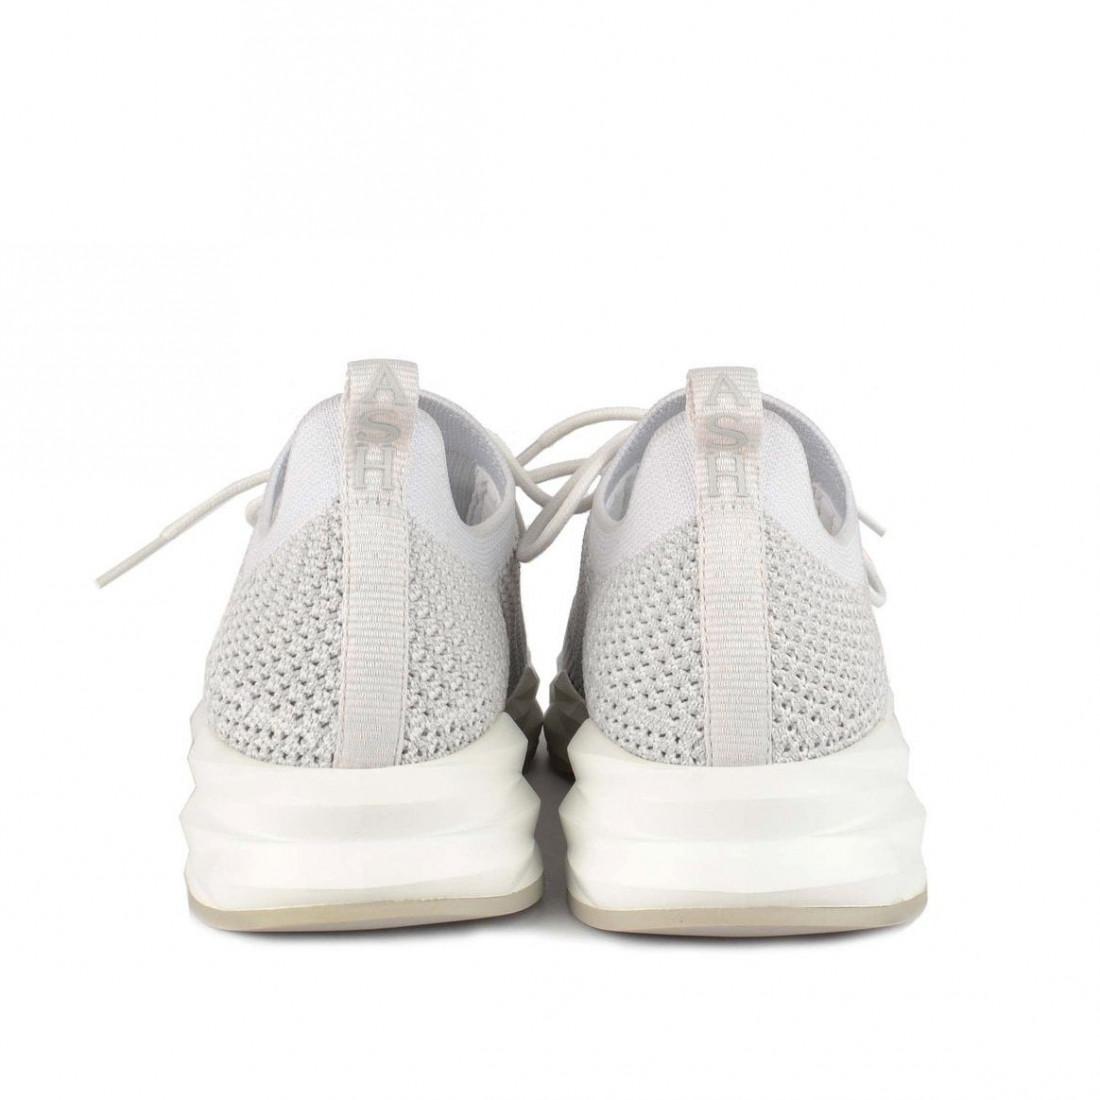 sneakers woman ash skate003 8187